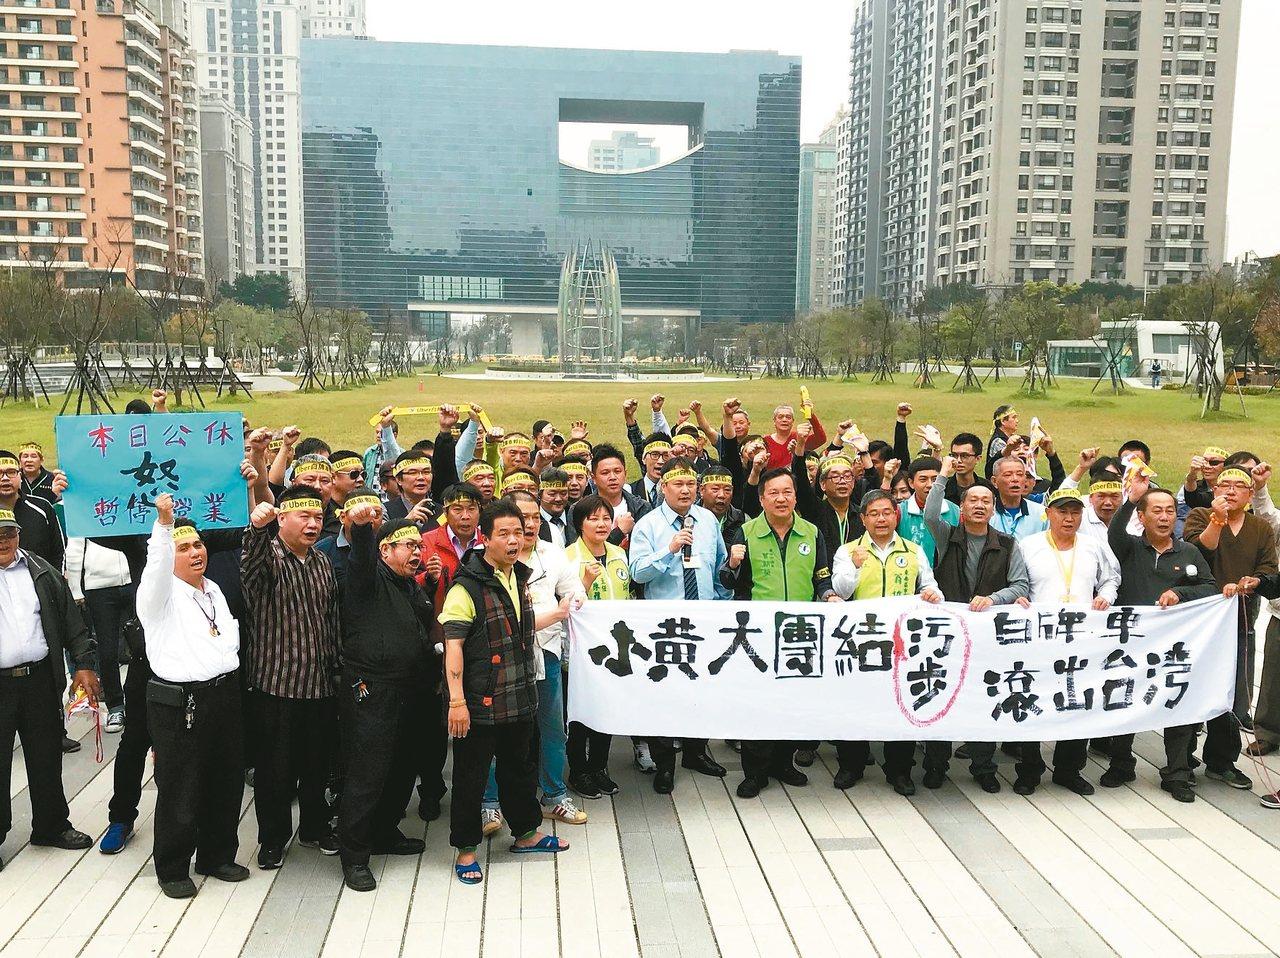 200輛計程車司機抗議白牌車搶生意。 記者洪敬浤/攝影